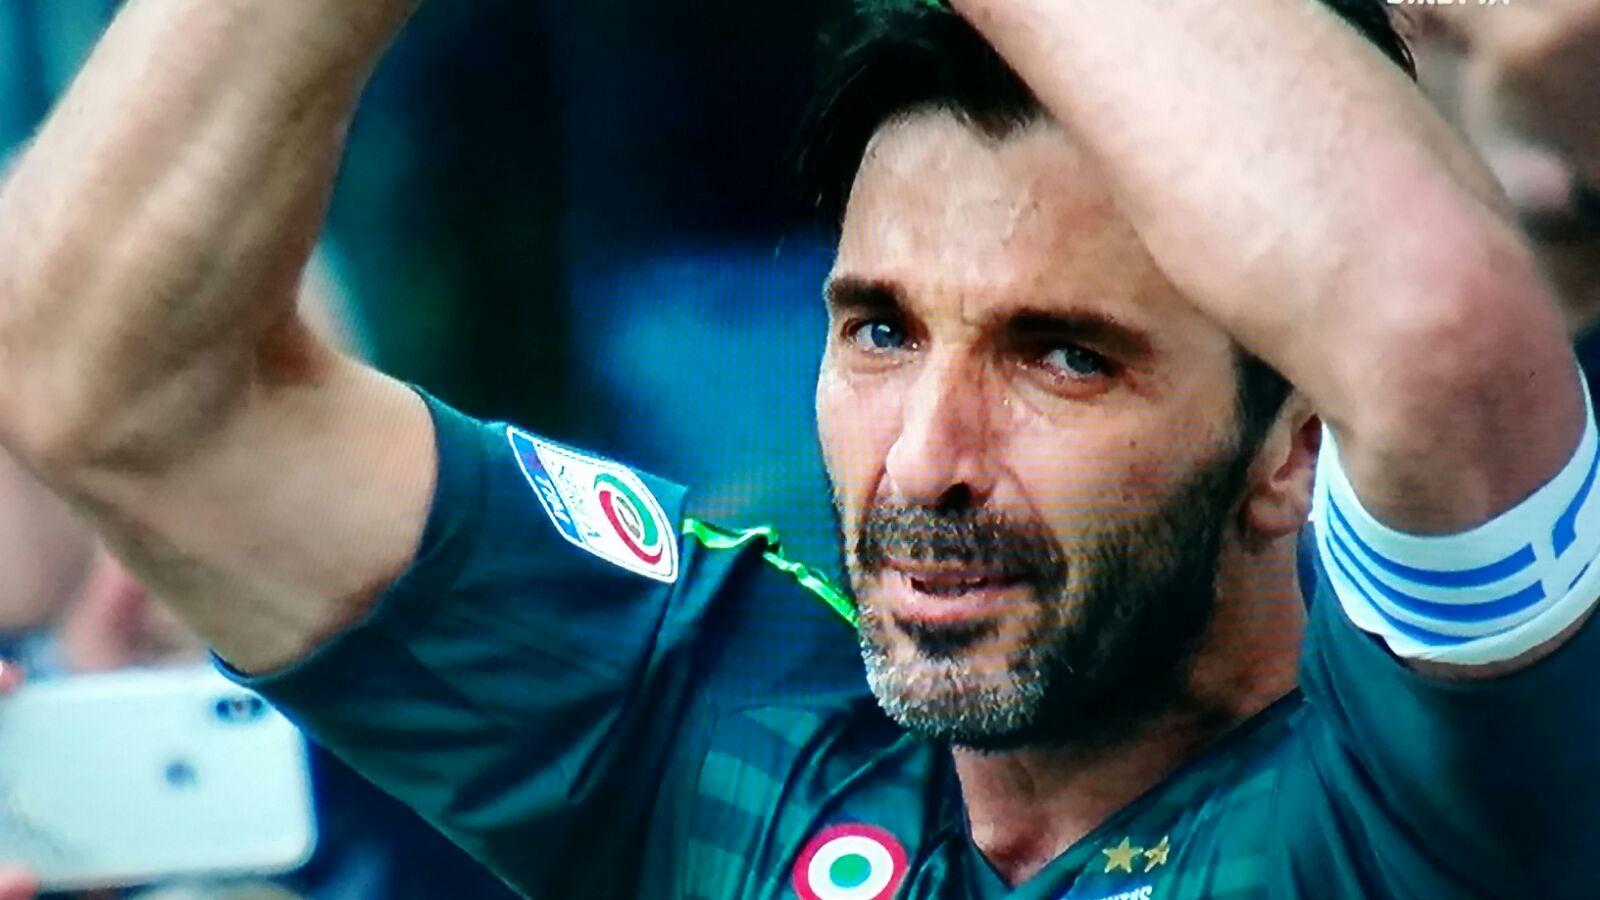 Buffon dice addio alla Juventus, anche se non al calcio. Il numero 1 bianconero, arrivato a Torino nella stagione 2001/2002 (dal Parma) conclude la sua avventura con 656 partite in tutte le competizioni di cui 311 chiuse senza subire reti.9 scudetti,5 coppe italia,6 supercoppe italiane e un campionato di serie B: questo il suo palmares in bianconero. JUVE CAMPIONE: LE FOTO DELLA FESTA I tifosi lo hanno inneggiato durante tutto il corso della gara con numerosi cori dedicati, ai quali il portiere ha risposto con tanti applausi. Standing ovation per lui al momento della sostituzione al 64′ da parte dell'Allianz